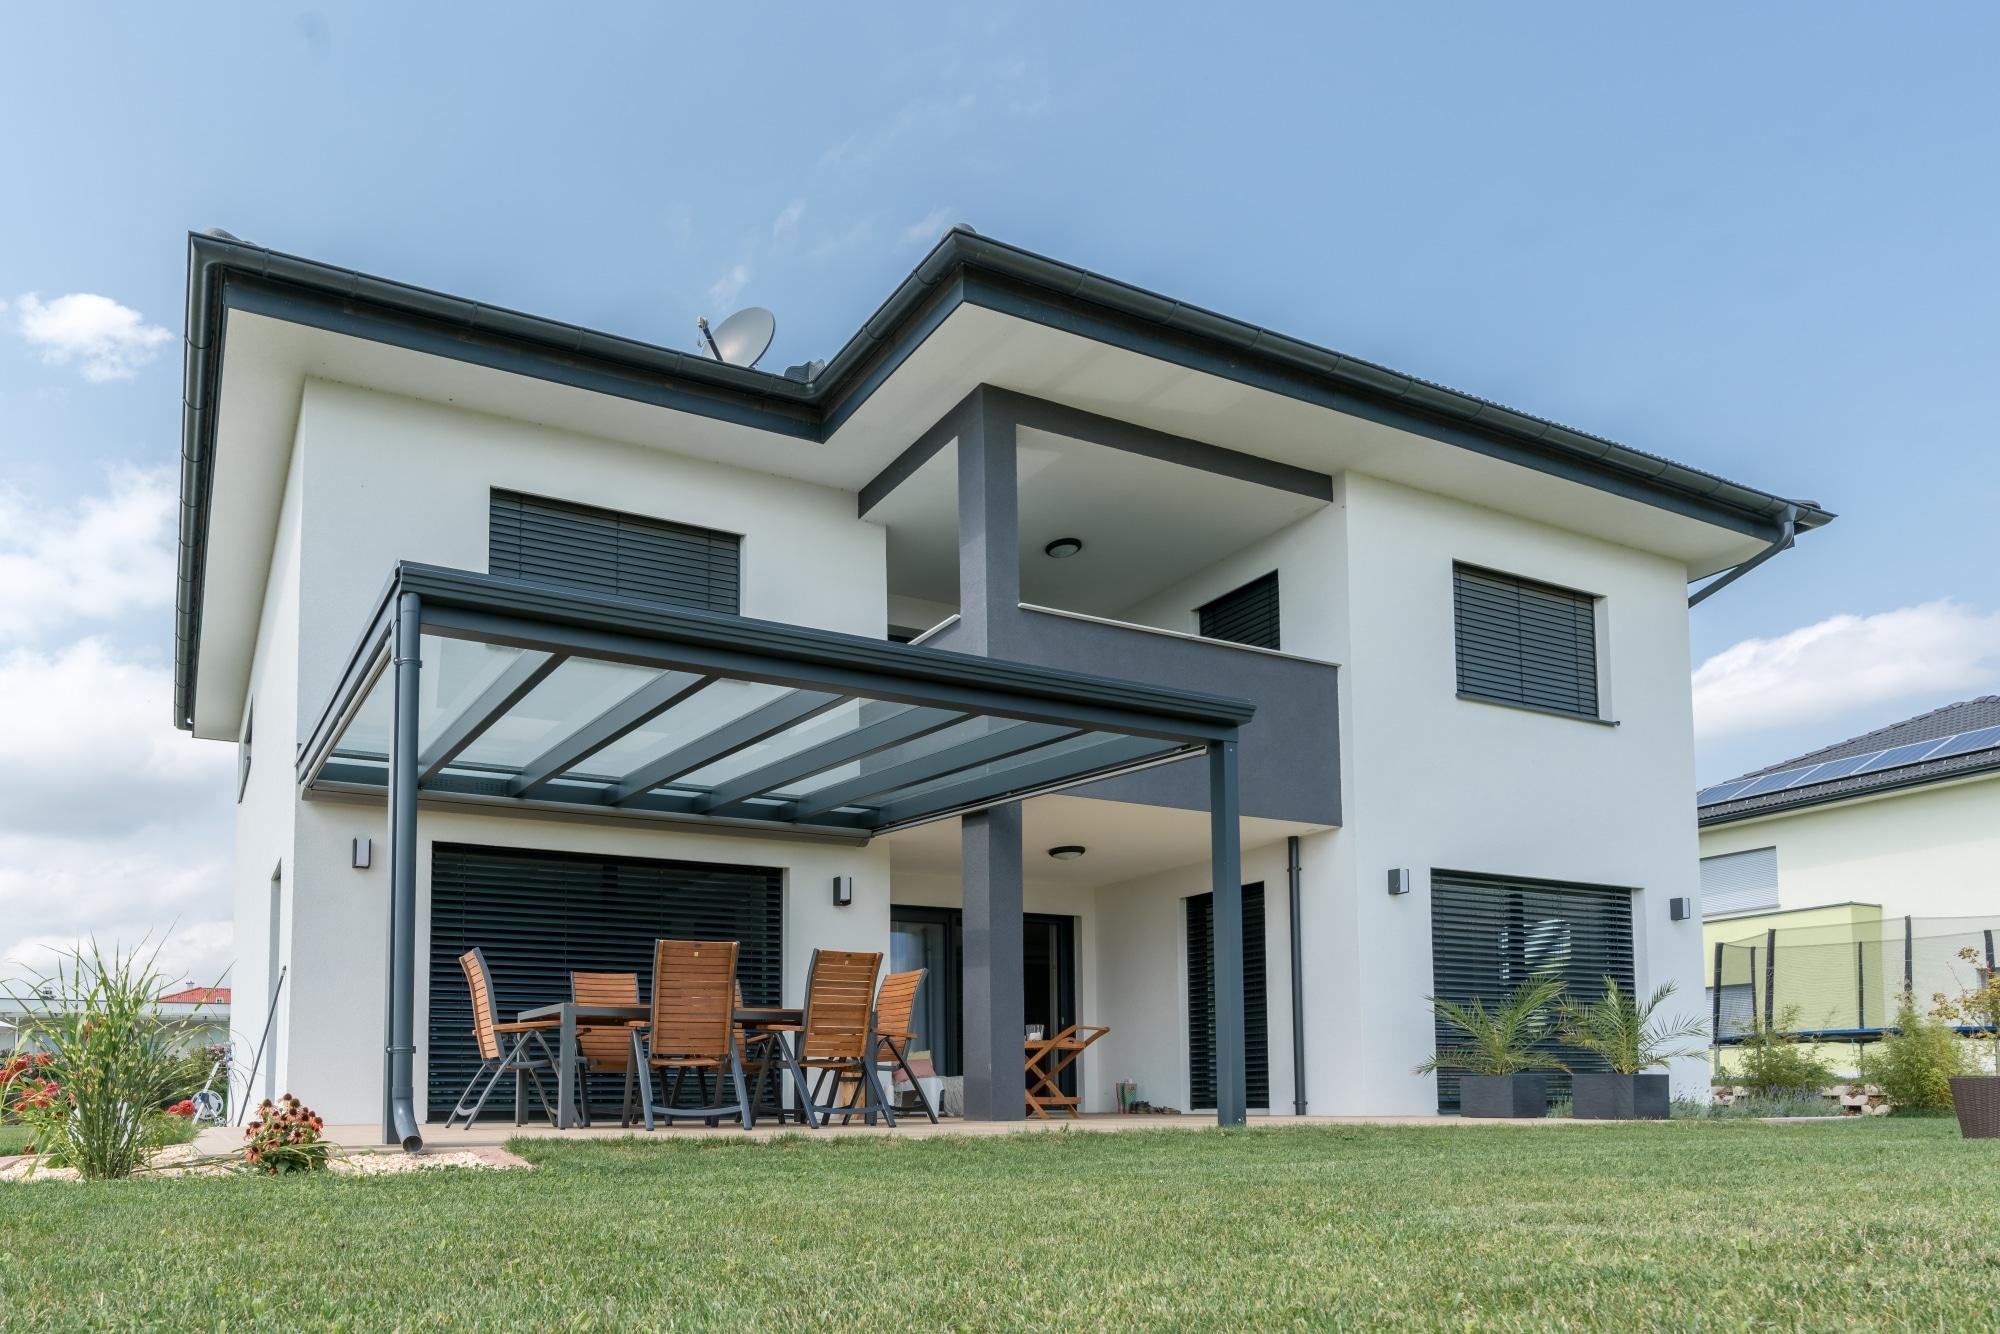 Terrassendach Alu 78 a | anthrazit Glas, auf Terrasse bei modernem Einfamilienhaus Neubau | Svoboda